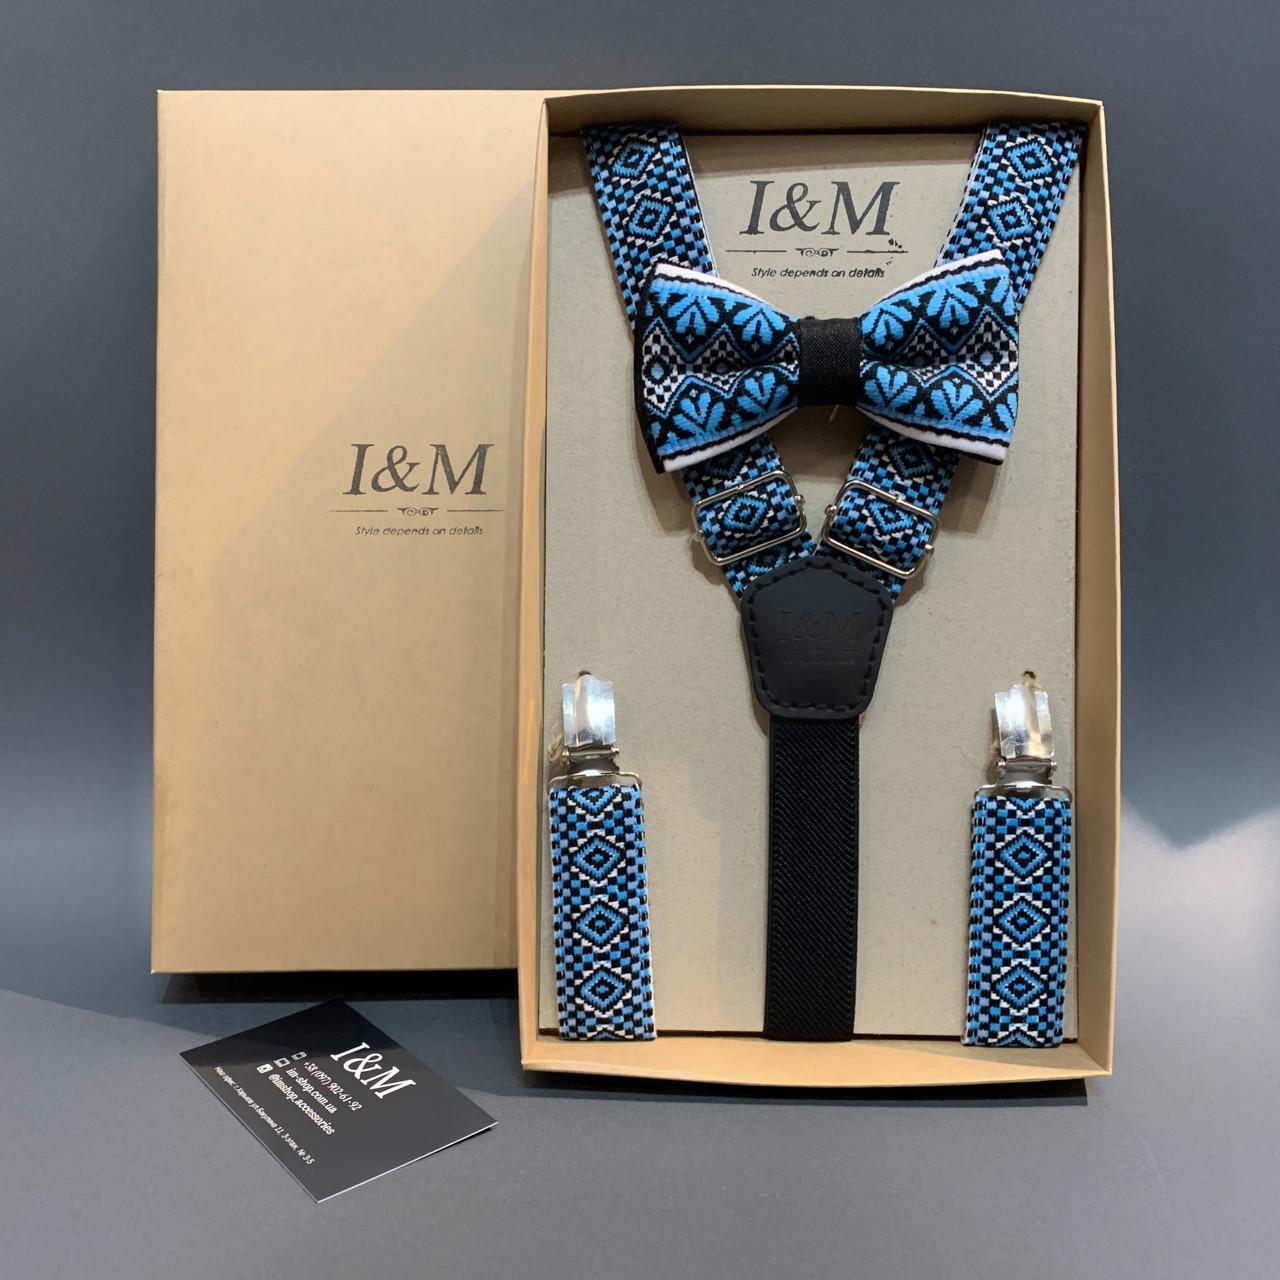 Набор I&M Craft галстук-бабочка и подтяжки для брюк в украинском стиле вышиванка (030302)